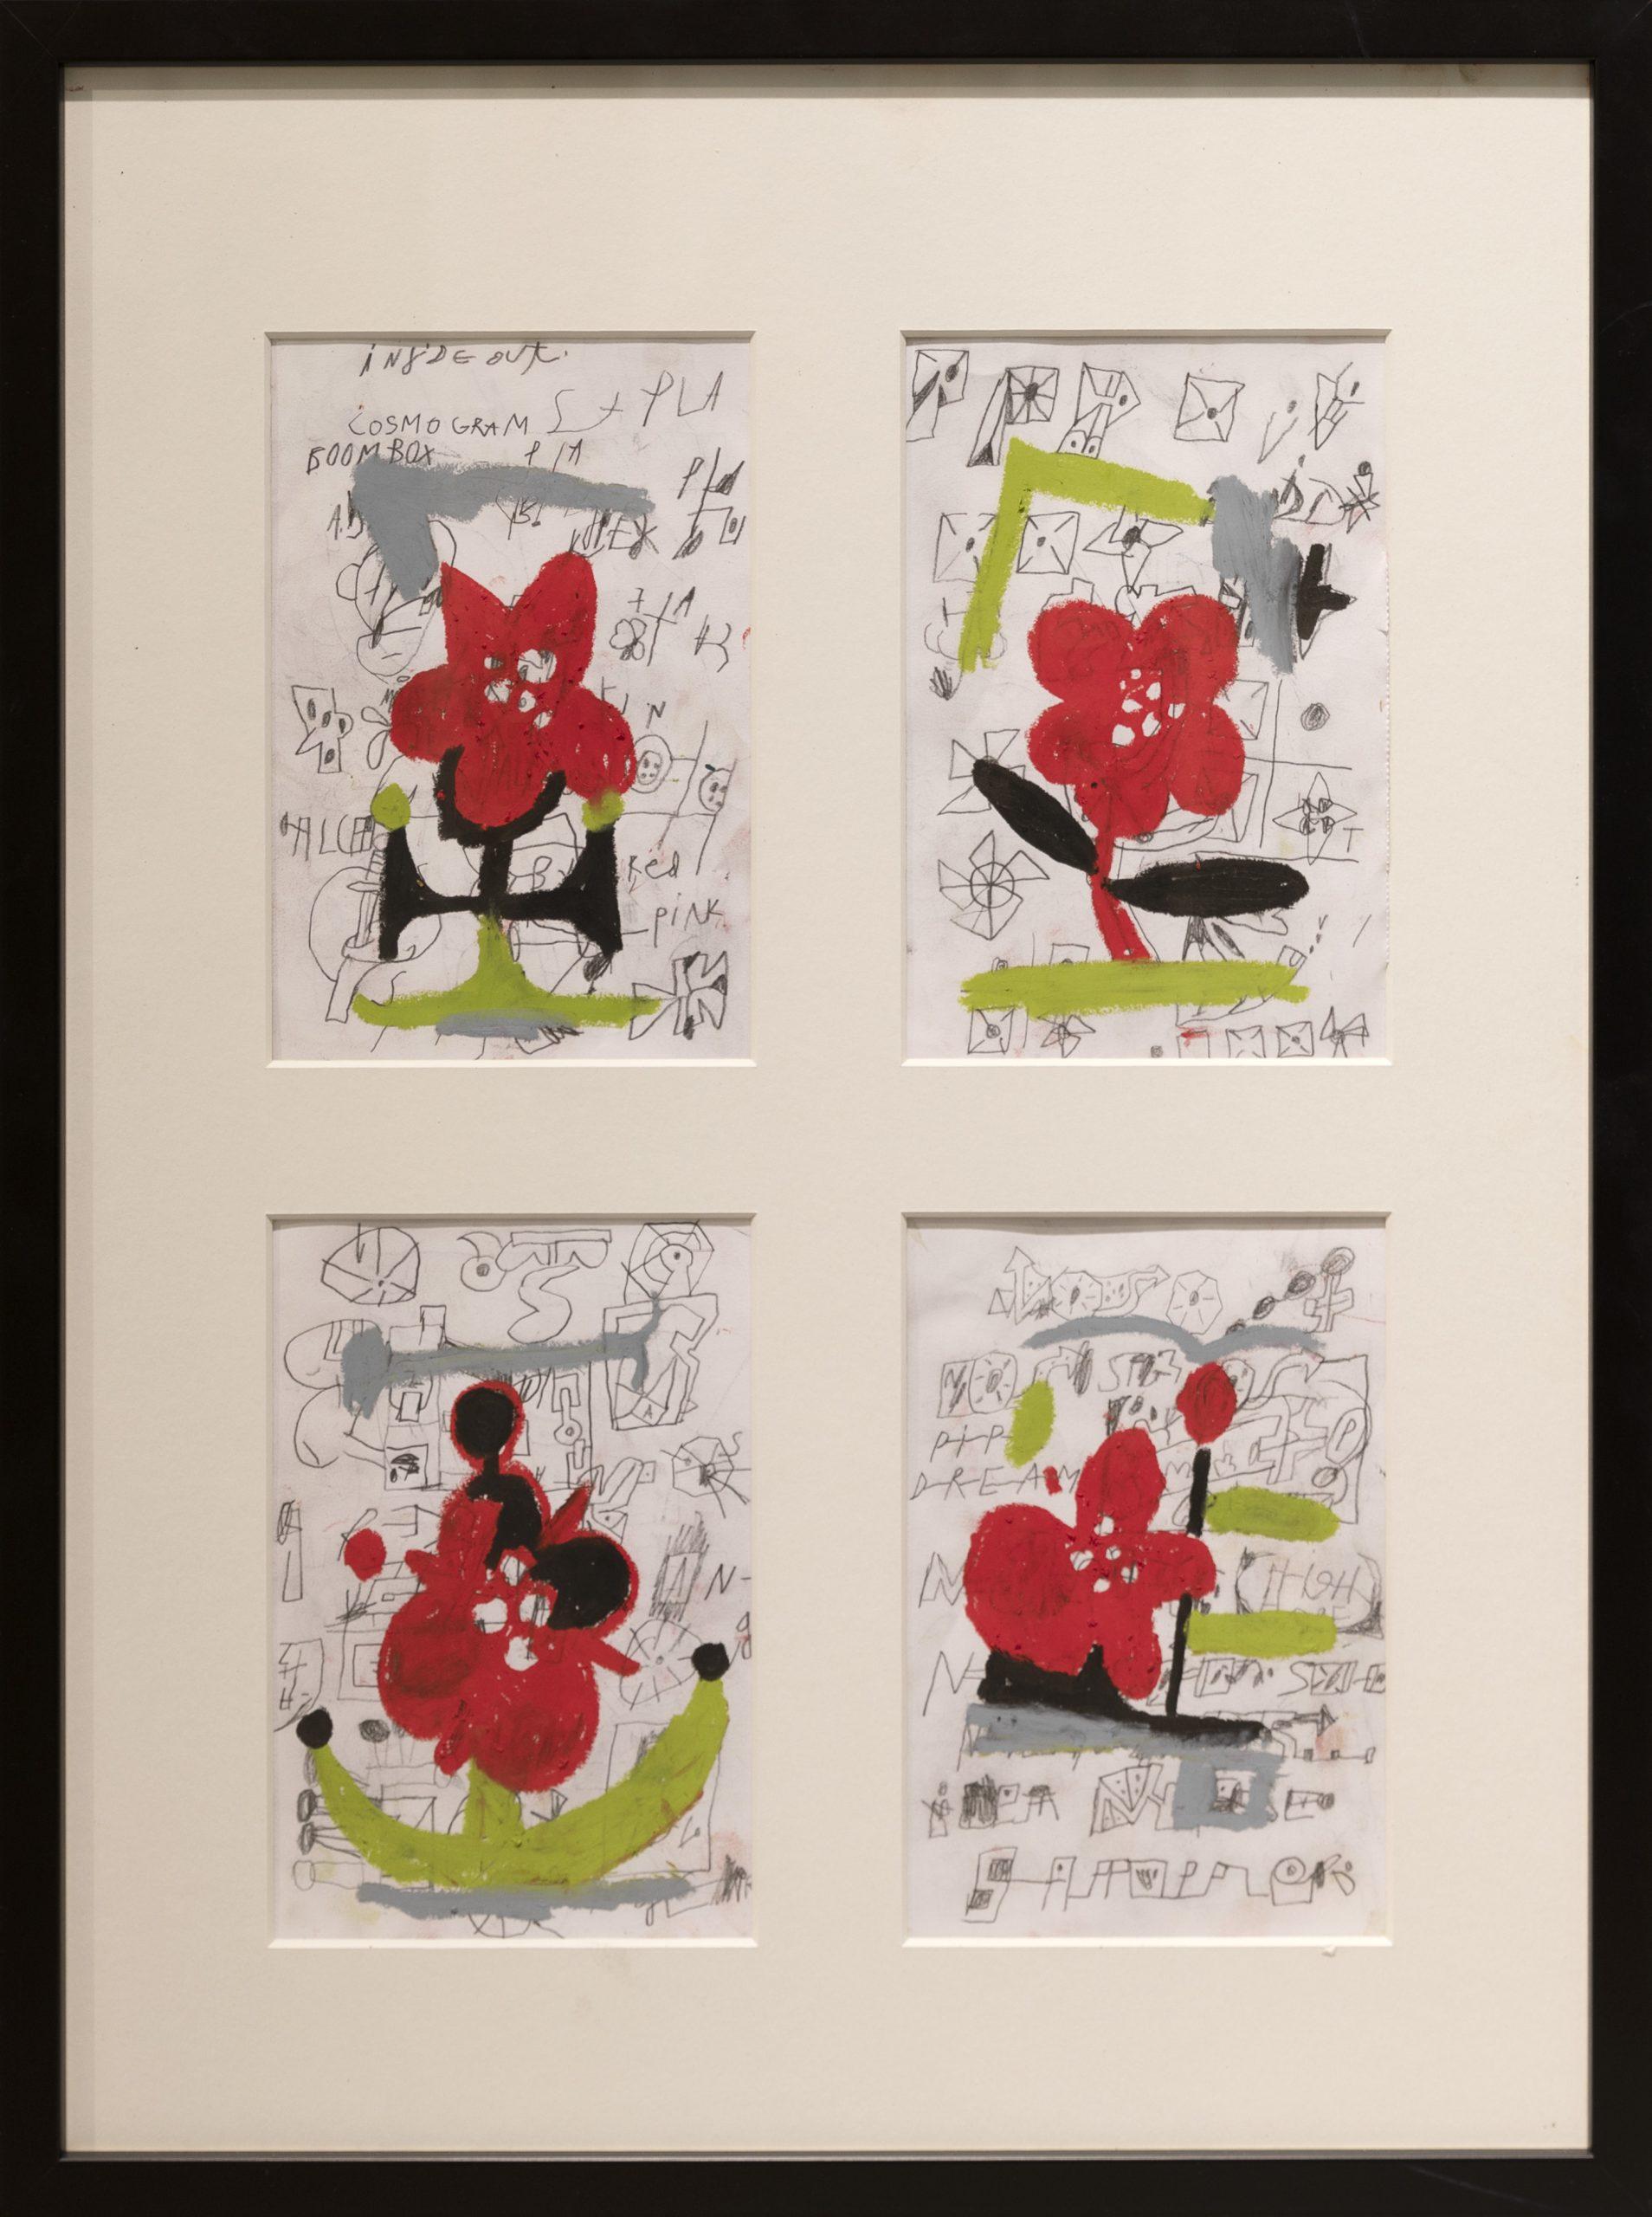 Neljä erillistä piirrosta punaisista kukista, joissa tekstiä ja erinäisiä piirrettyjä kuvioita.